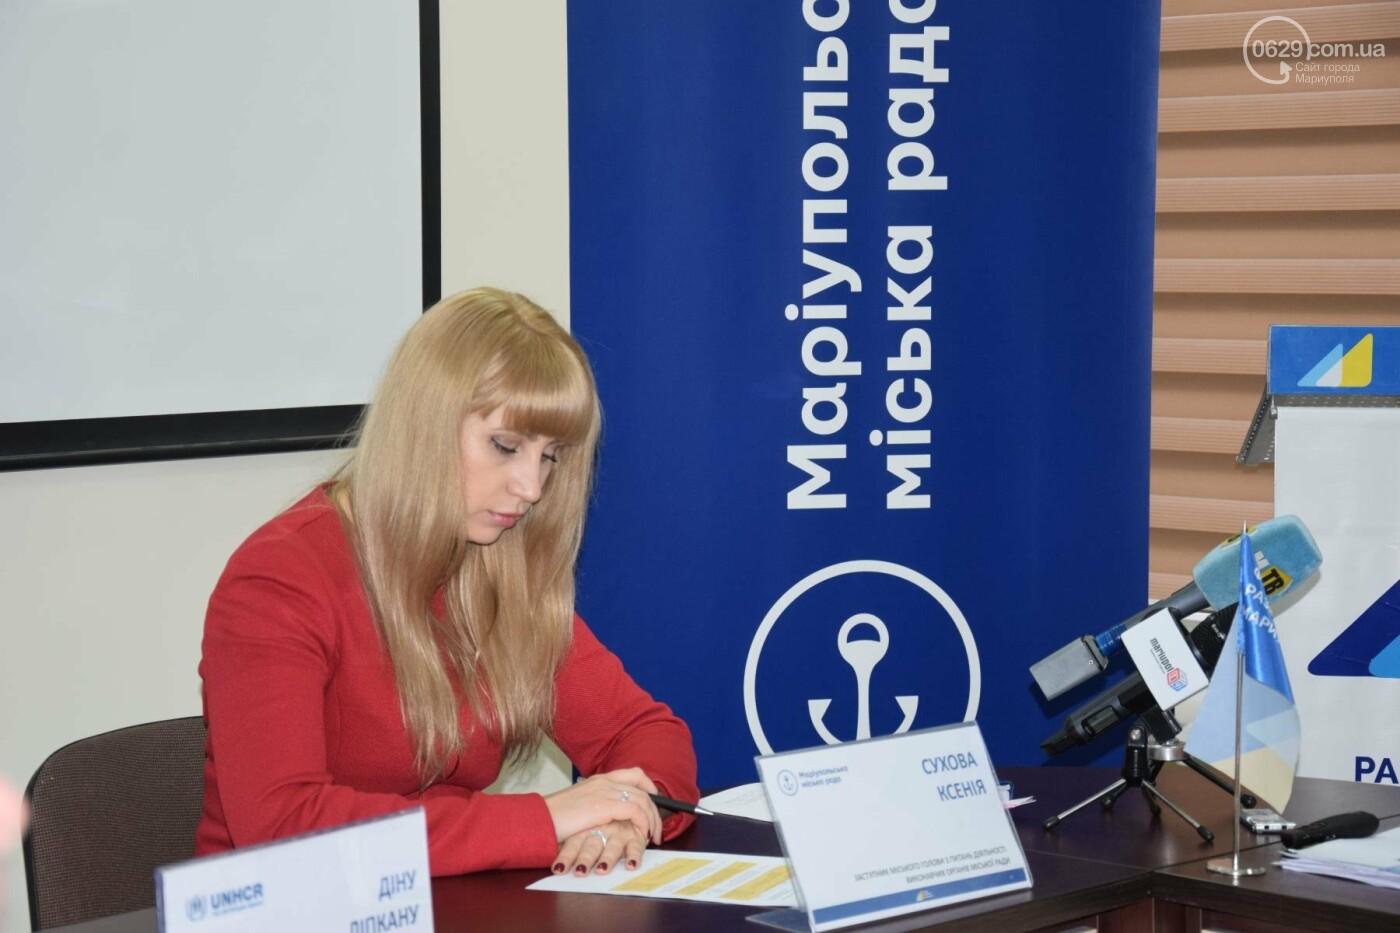 Презентация убежища в Мариуполе завершилась предложением о  воссоздании вытрезвителей (ФОТО, ВИДЕО), фото-3